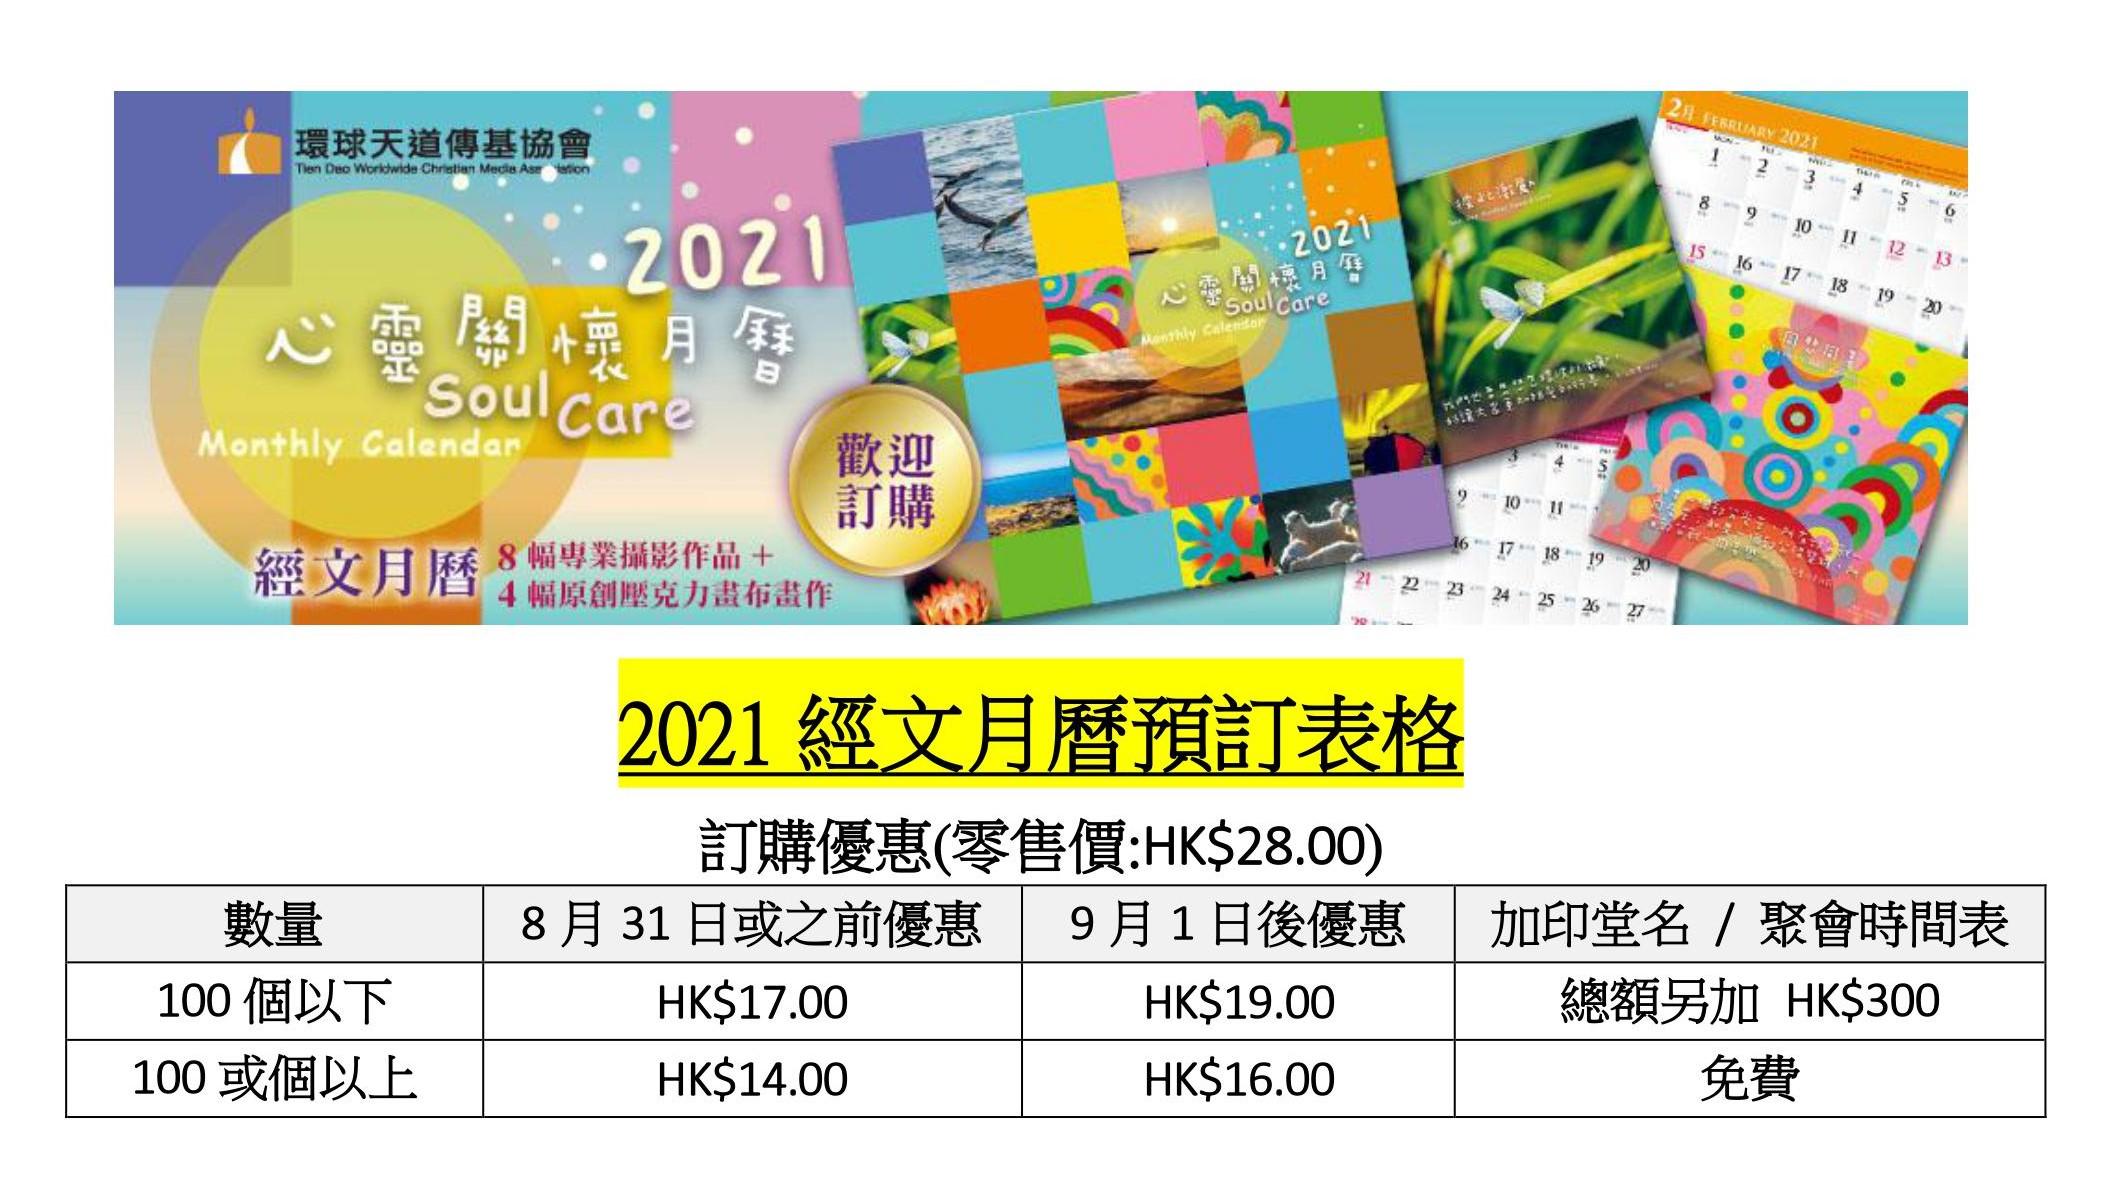 2021年月曆_預訂表格_價目表